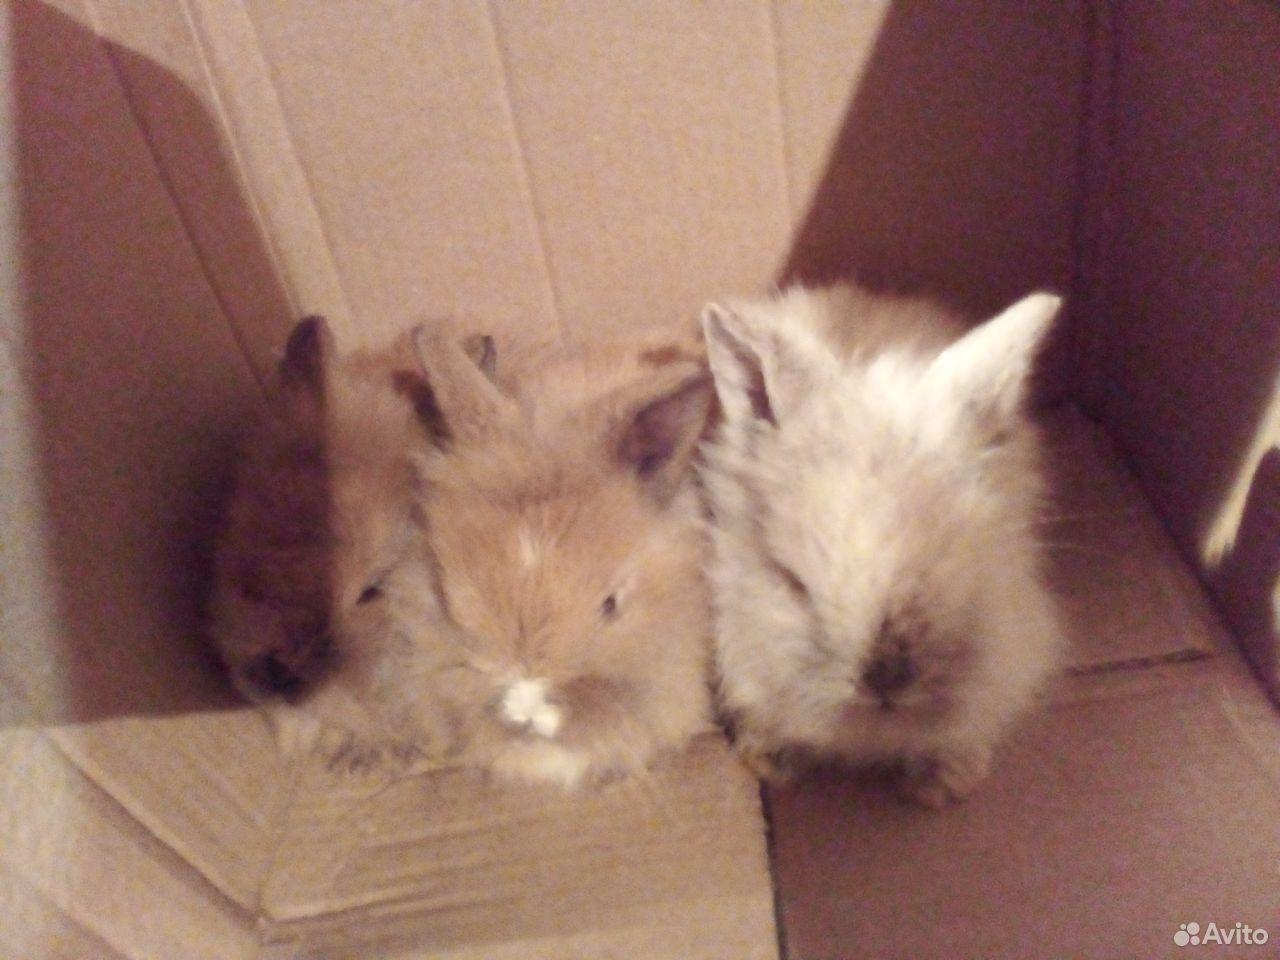 Декоративные крольчата  89038907589 купить 4